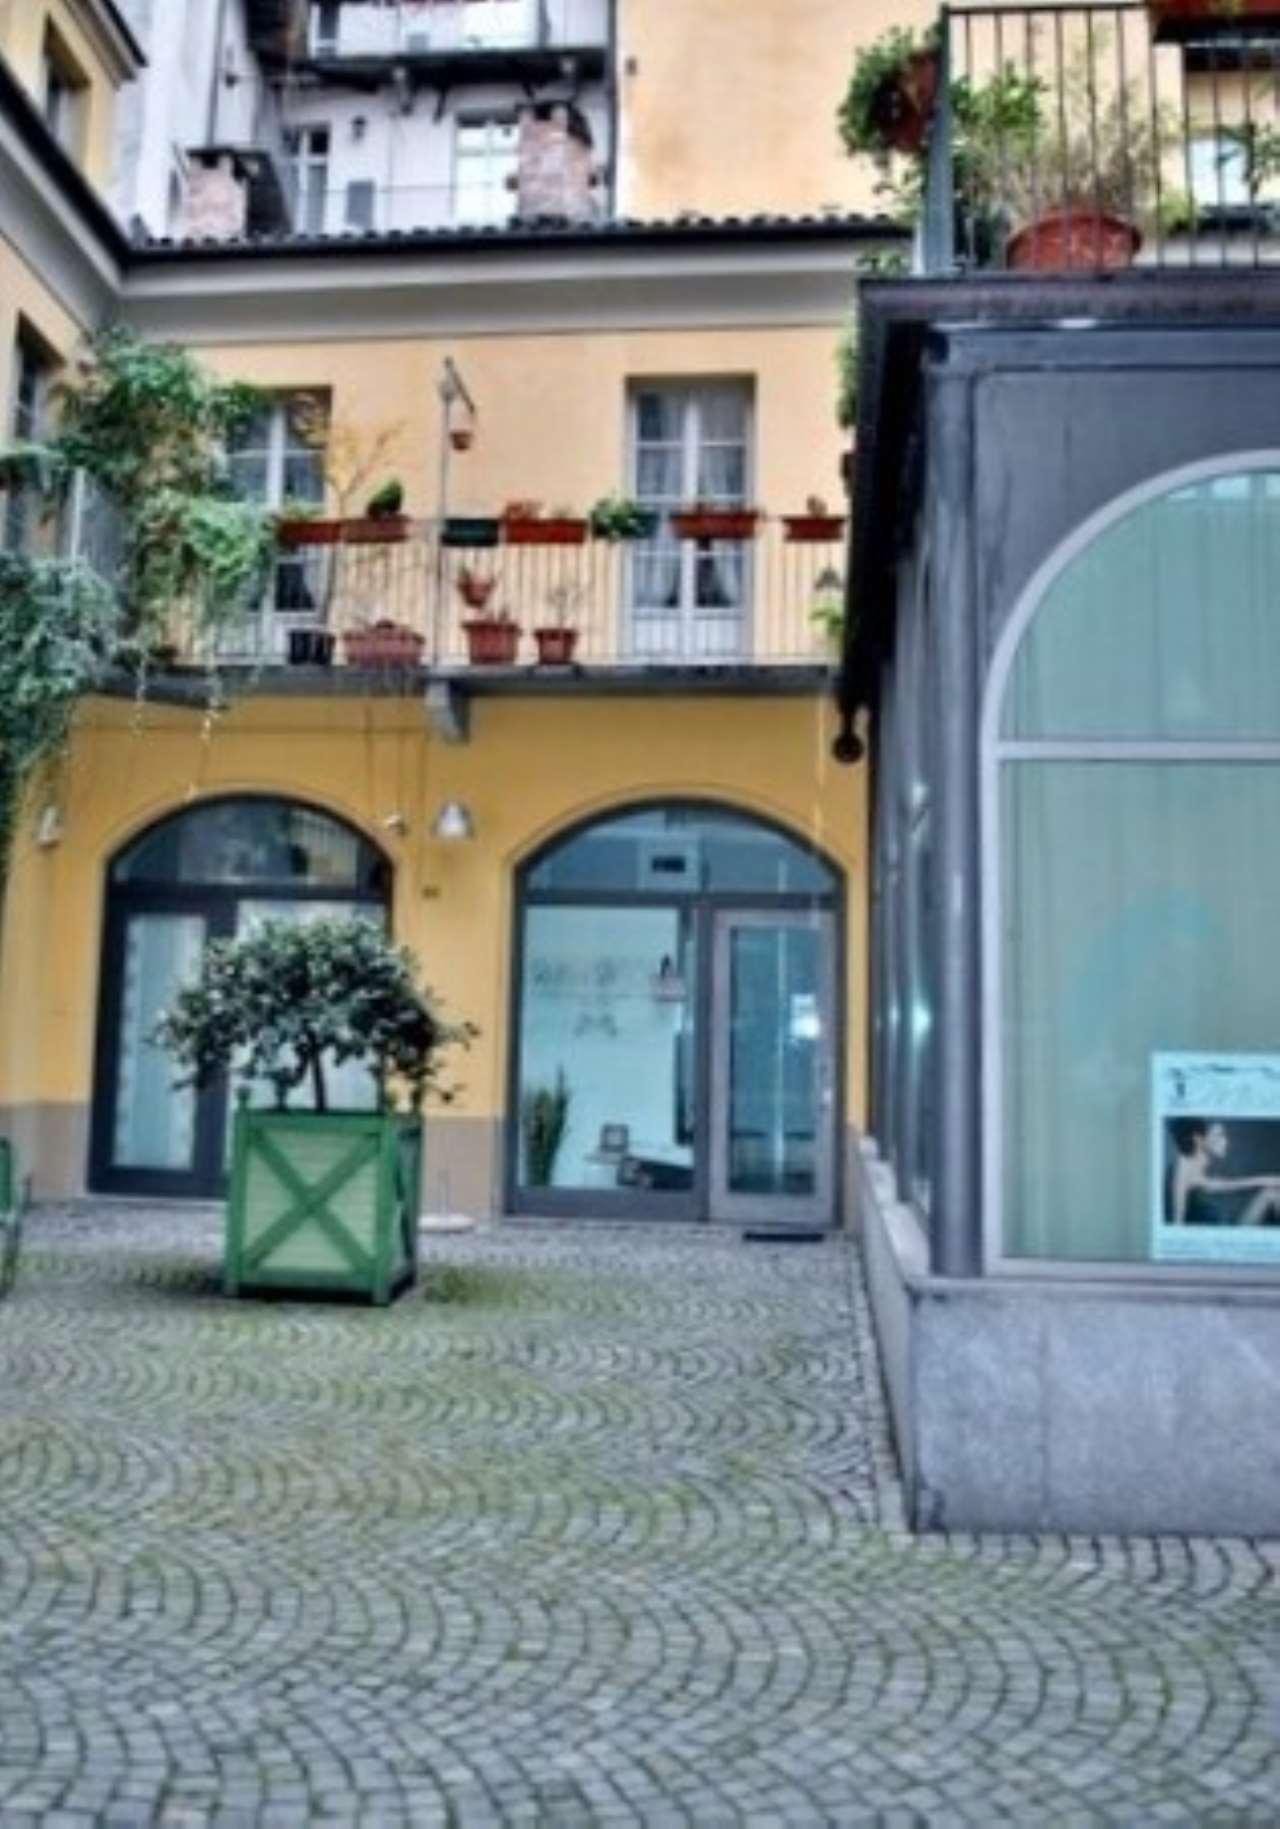 Soluzione Indipendente in vendita a Torino, 5 locali, zona Zona: 1 . Centro, Quadrilatero Romano, Repubblica, Giardini Reali, Trattative riservate | Cambio Casa.it